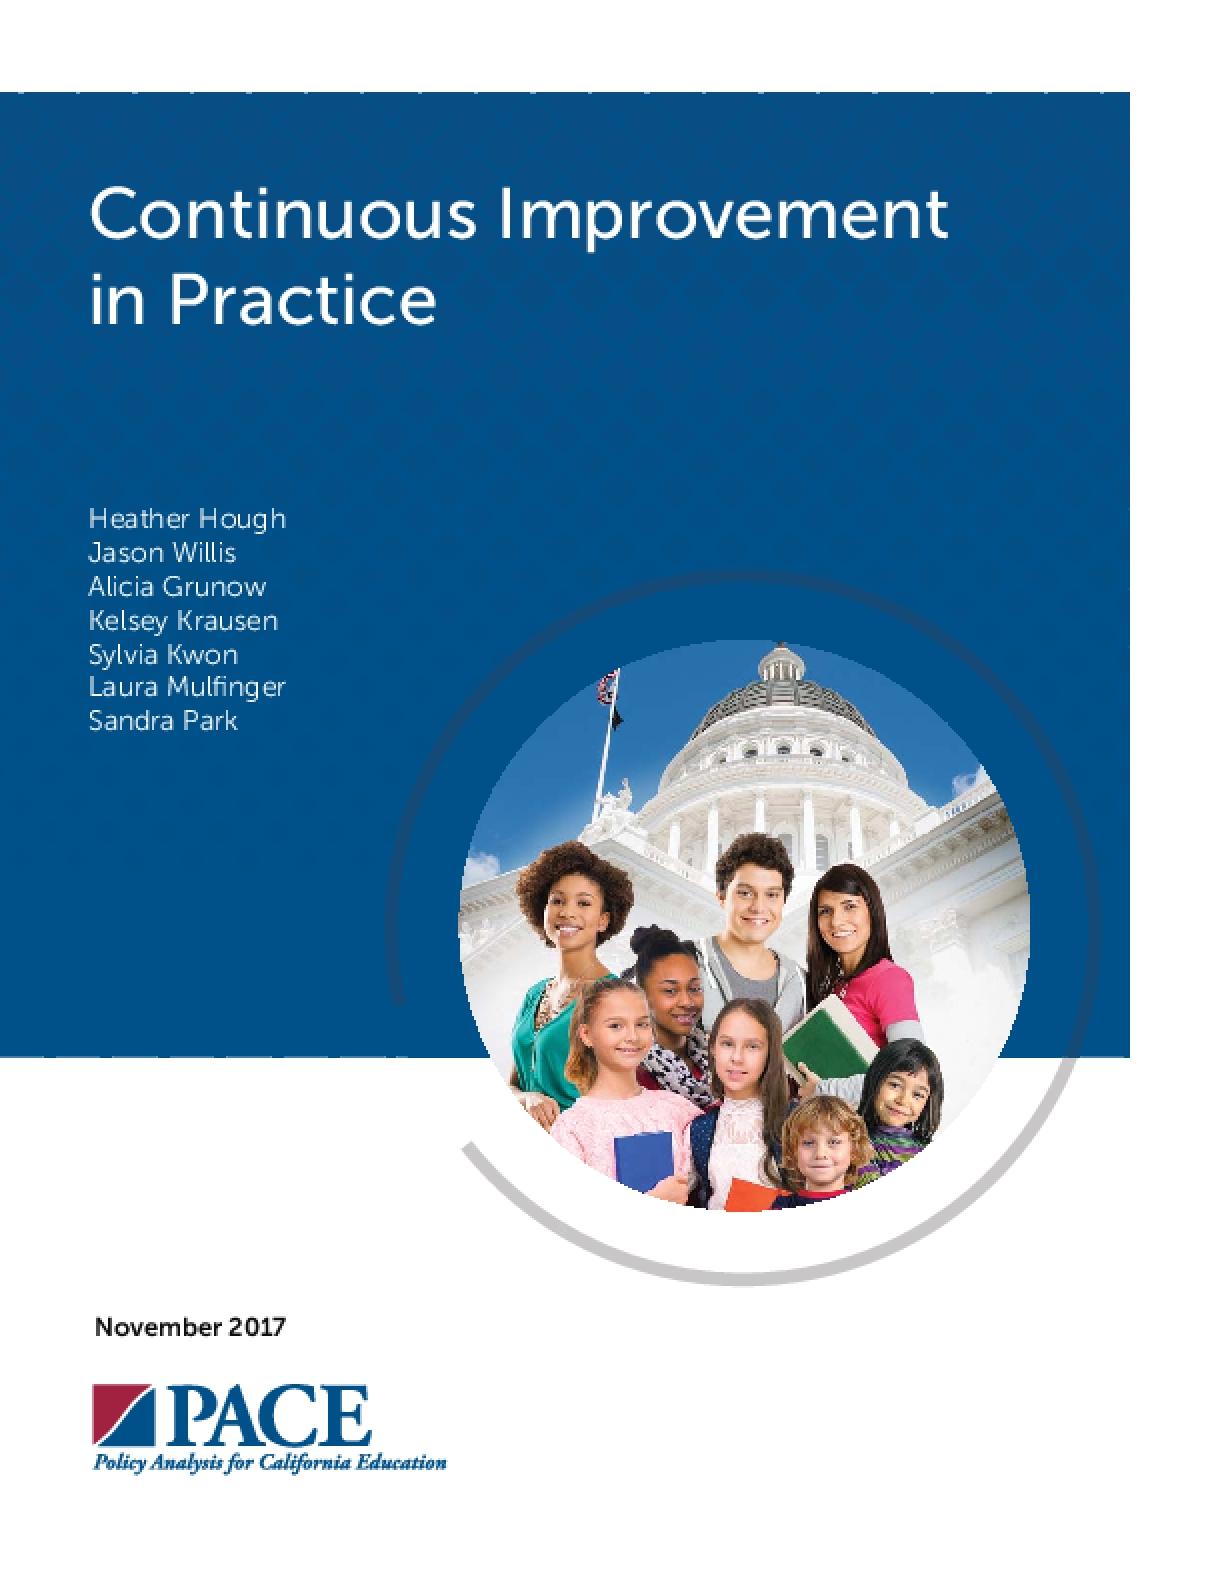 Continuous Improvement in Practice